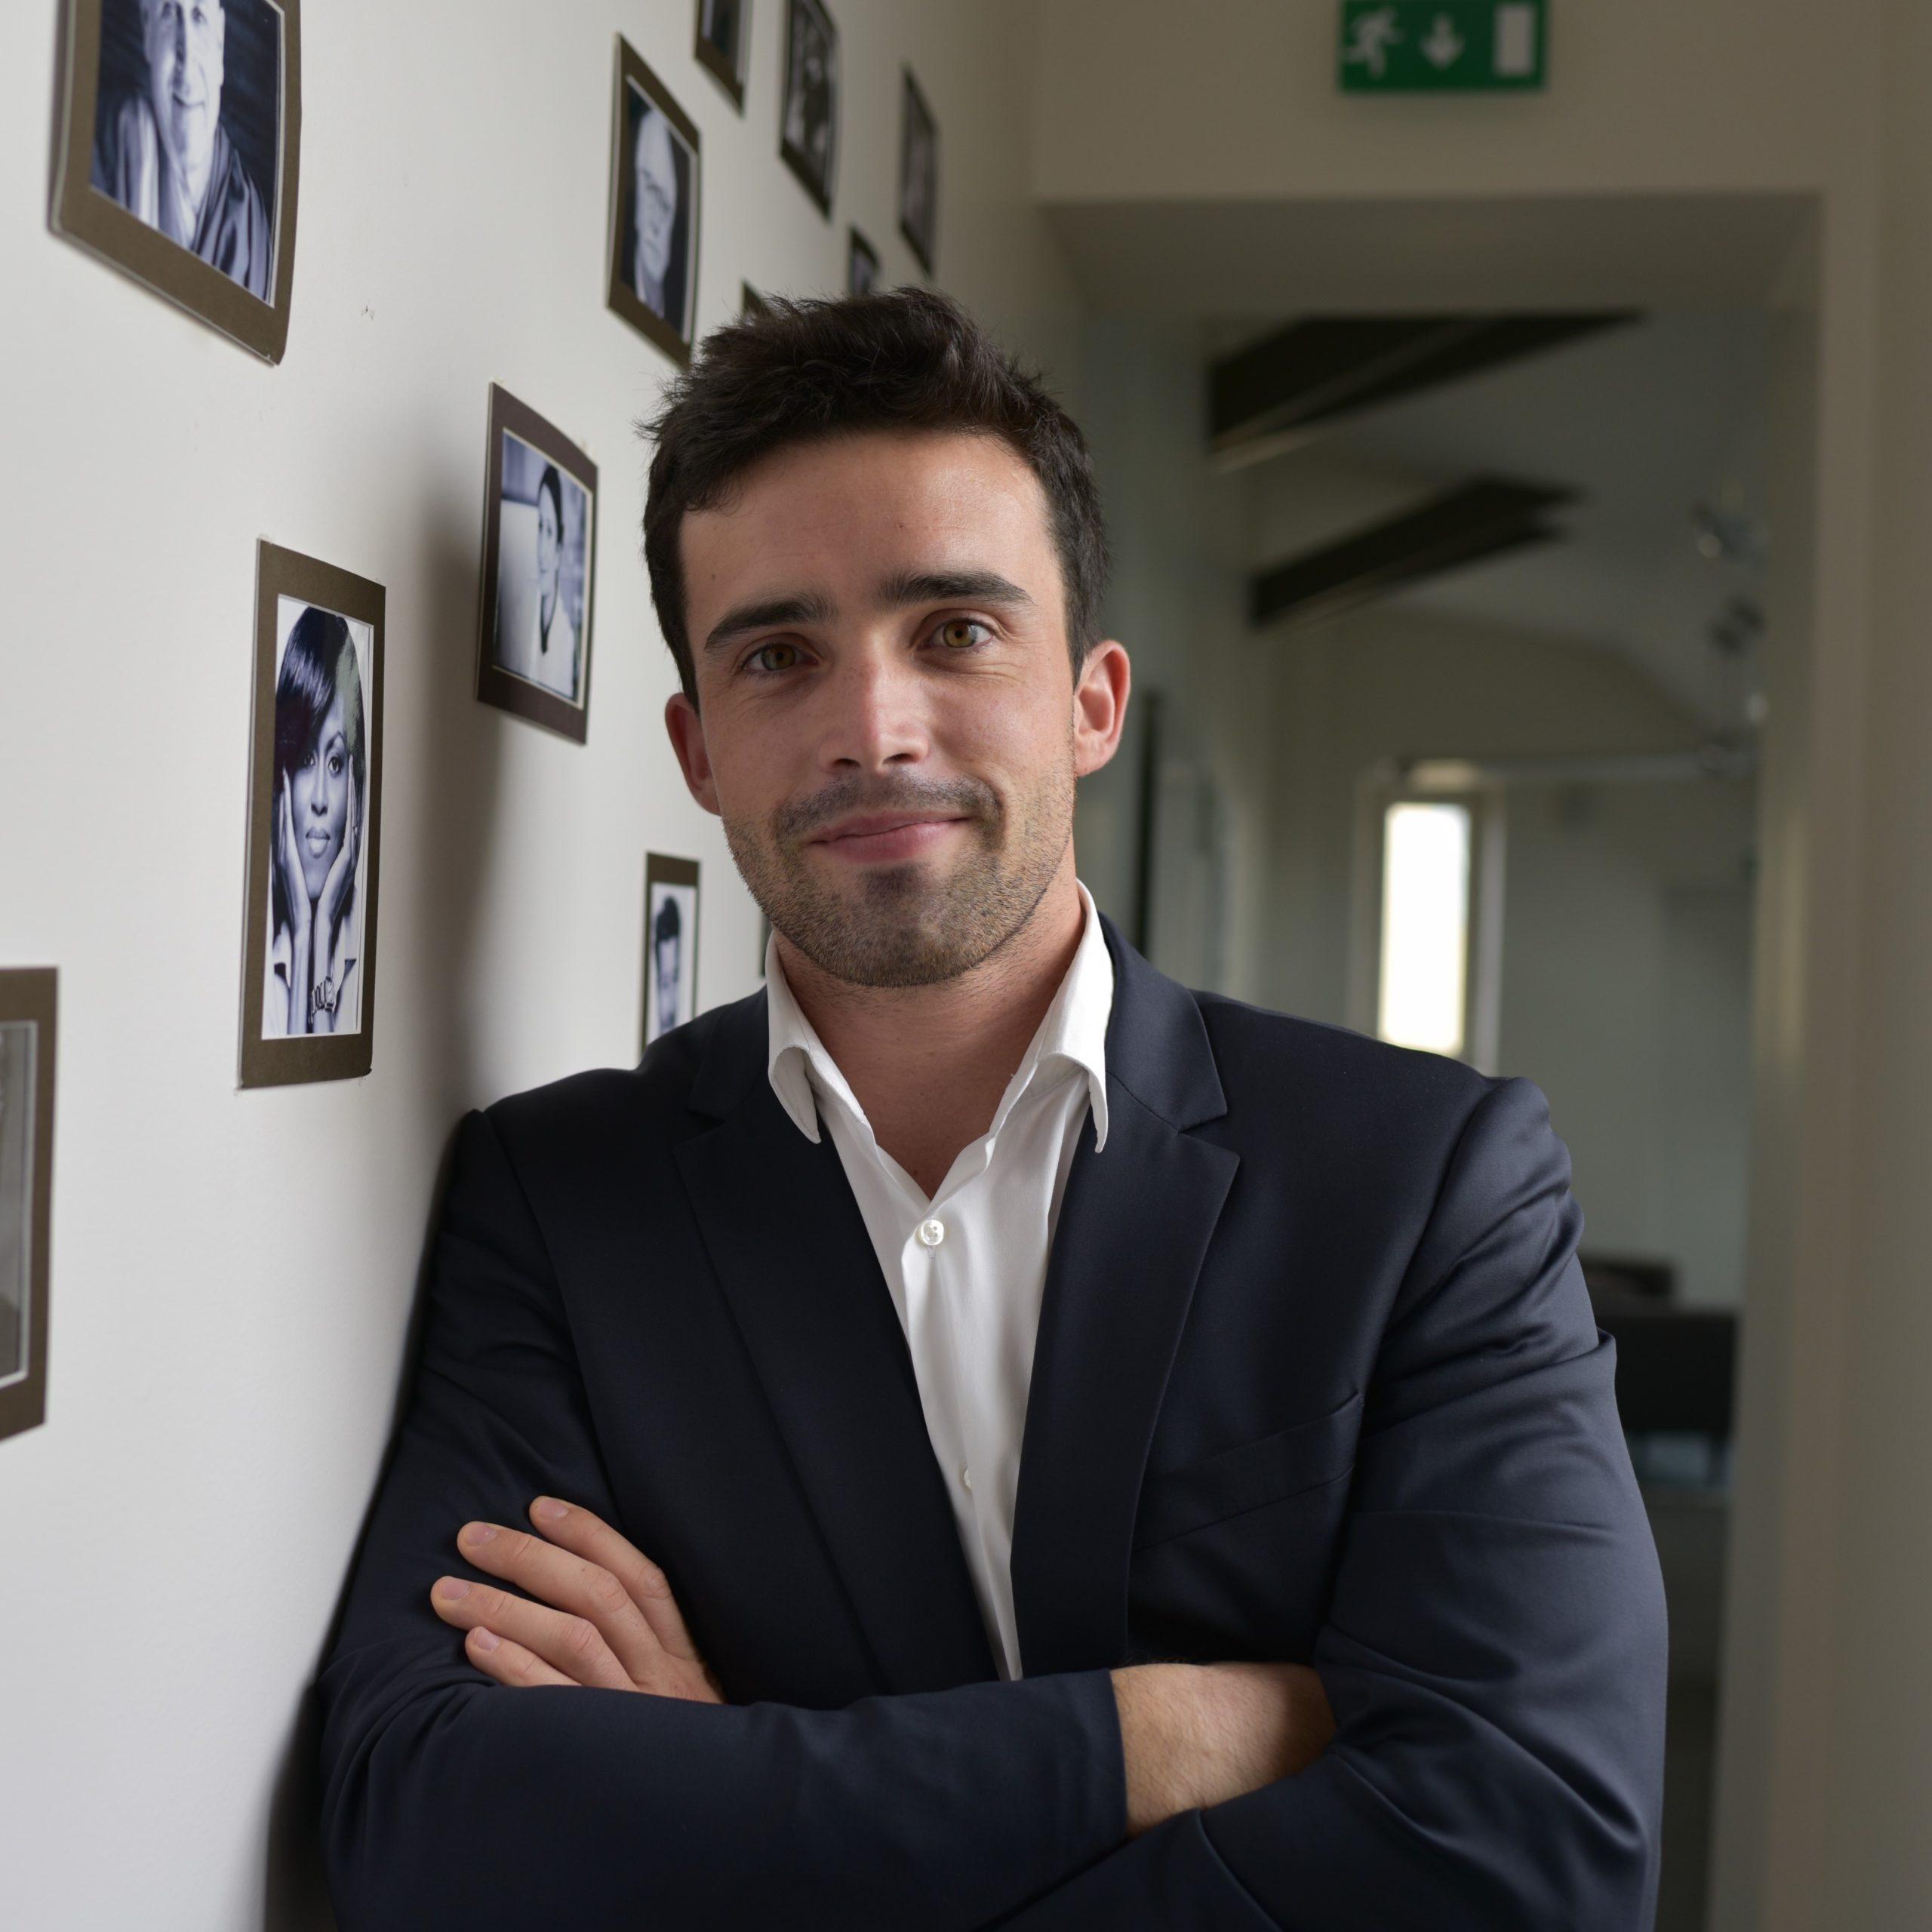 Nicolas Licari